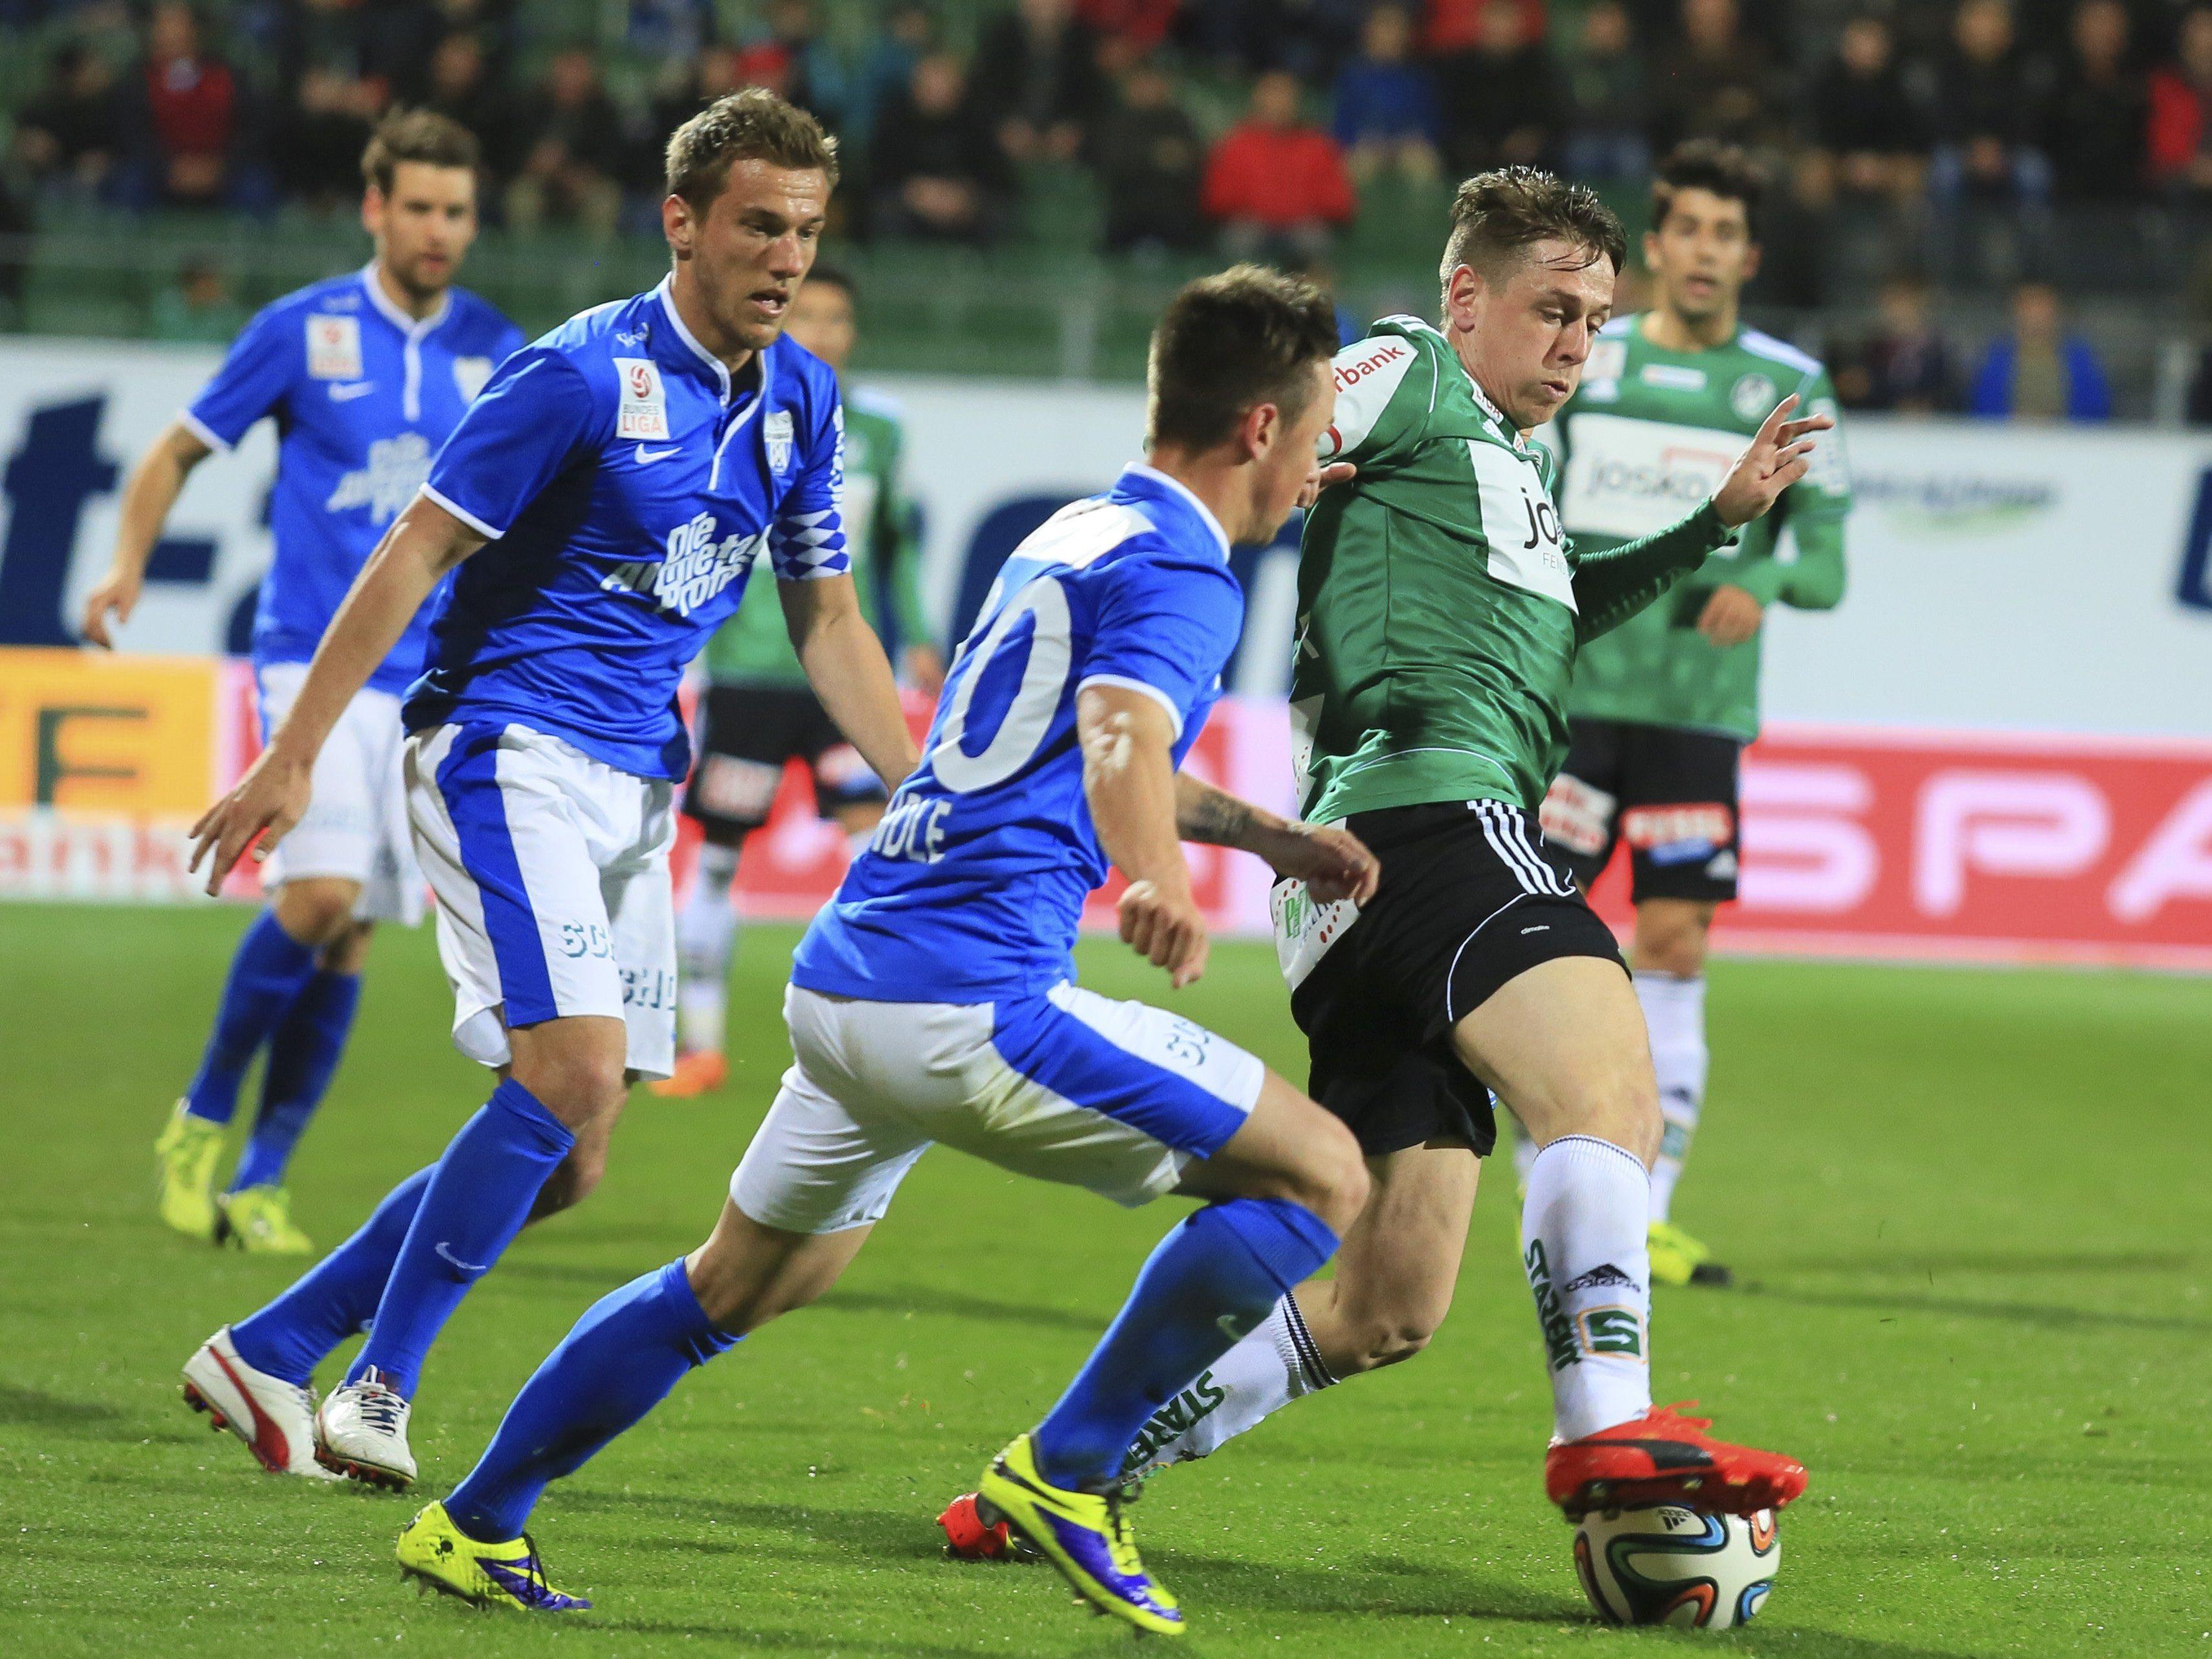 LIVE-Ticker zum Spiel SV Ried gegen SV Grödig ab 19.00 Uhr.